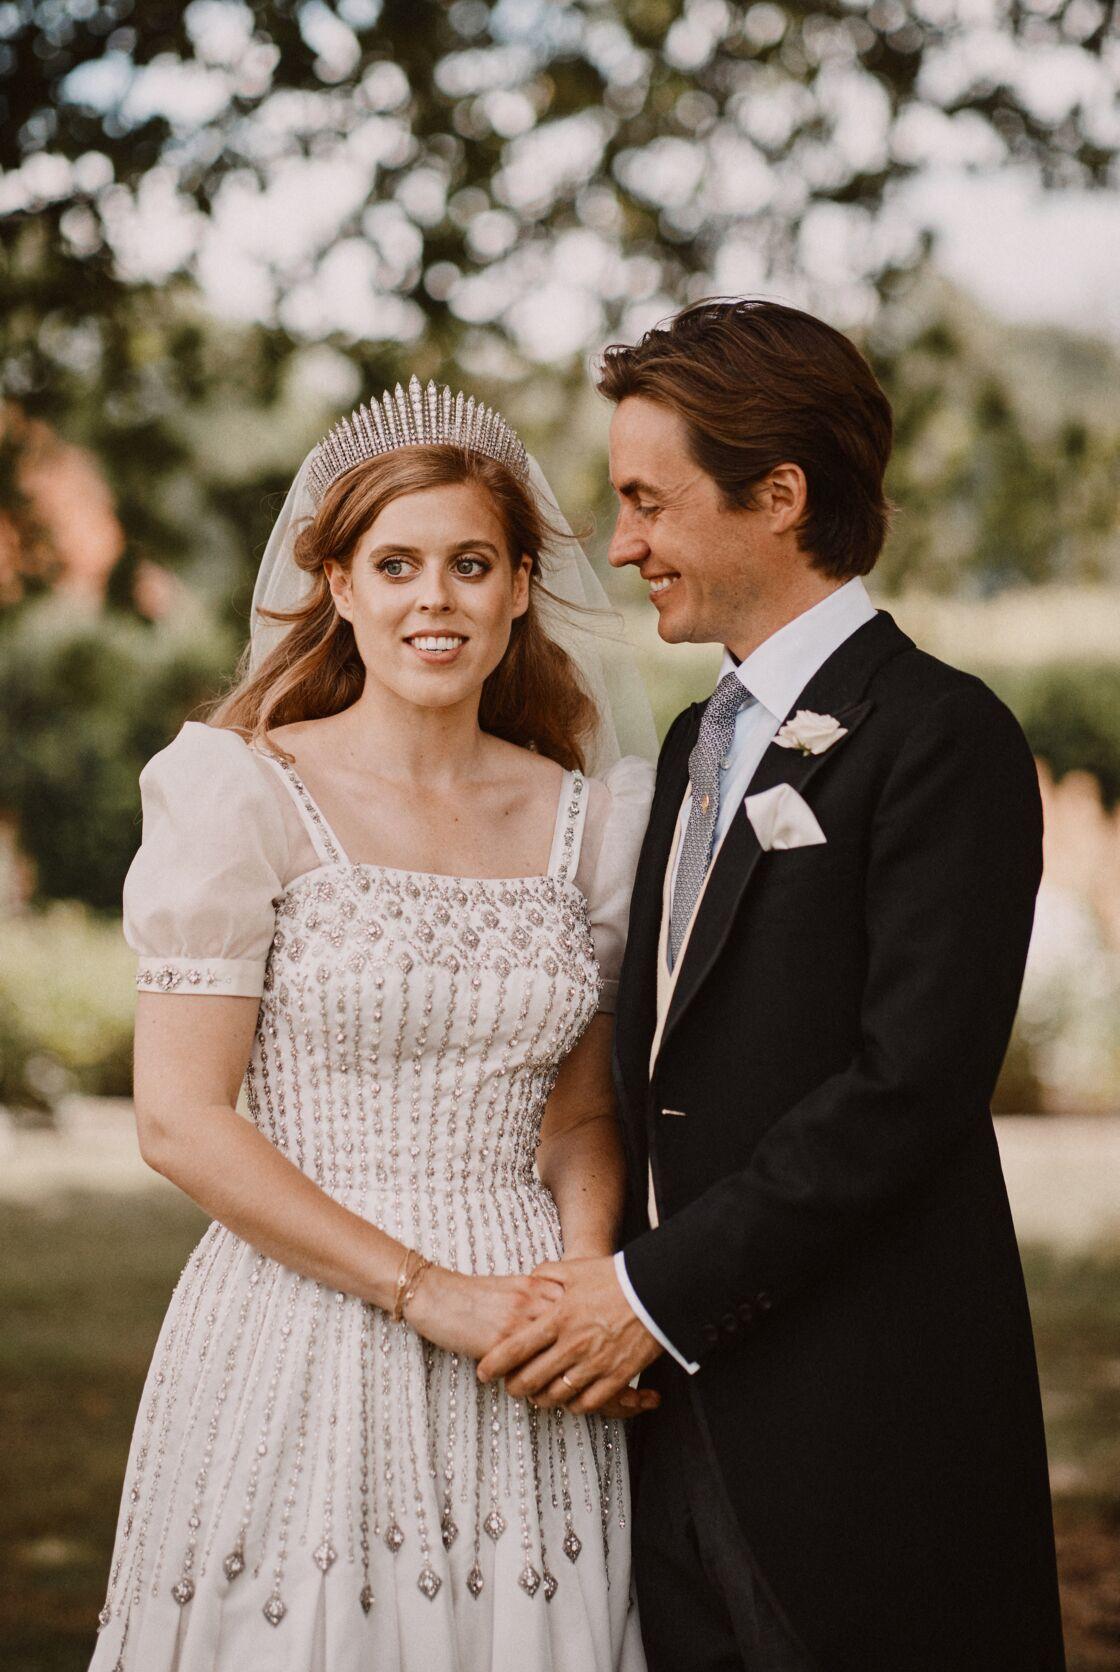 Beatrice d'York a gardé ses cheveux lâchés sous sa tiare, à l'inverse du protocole royal.